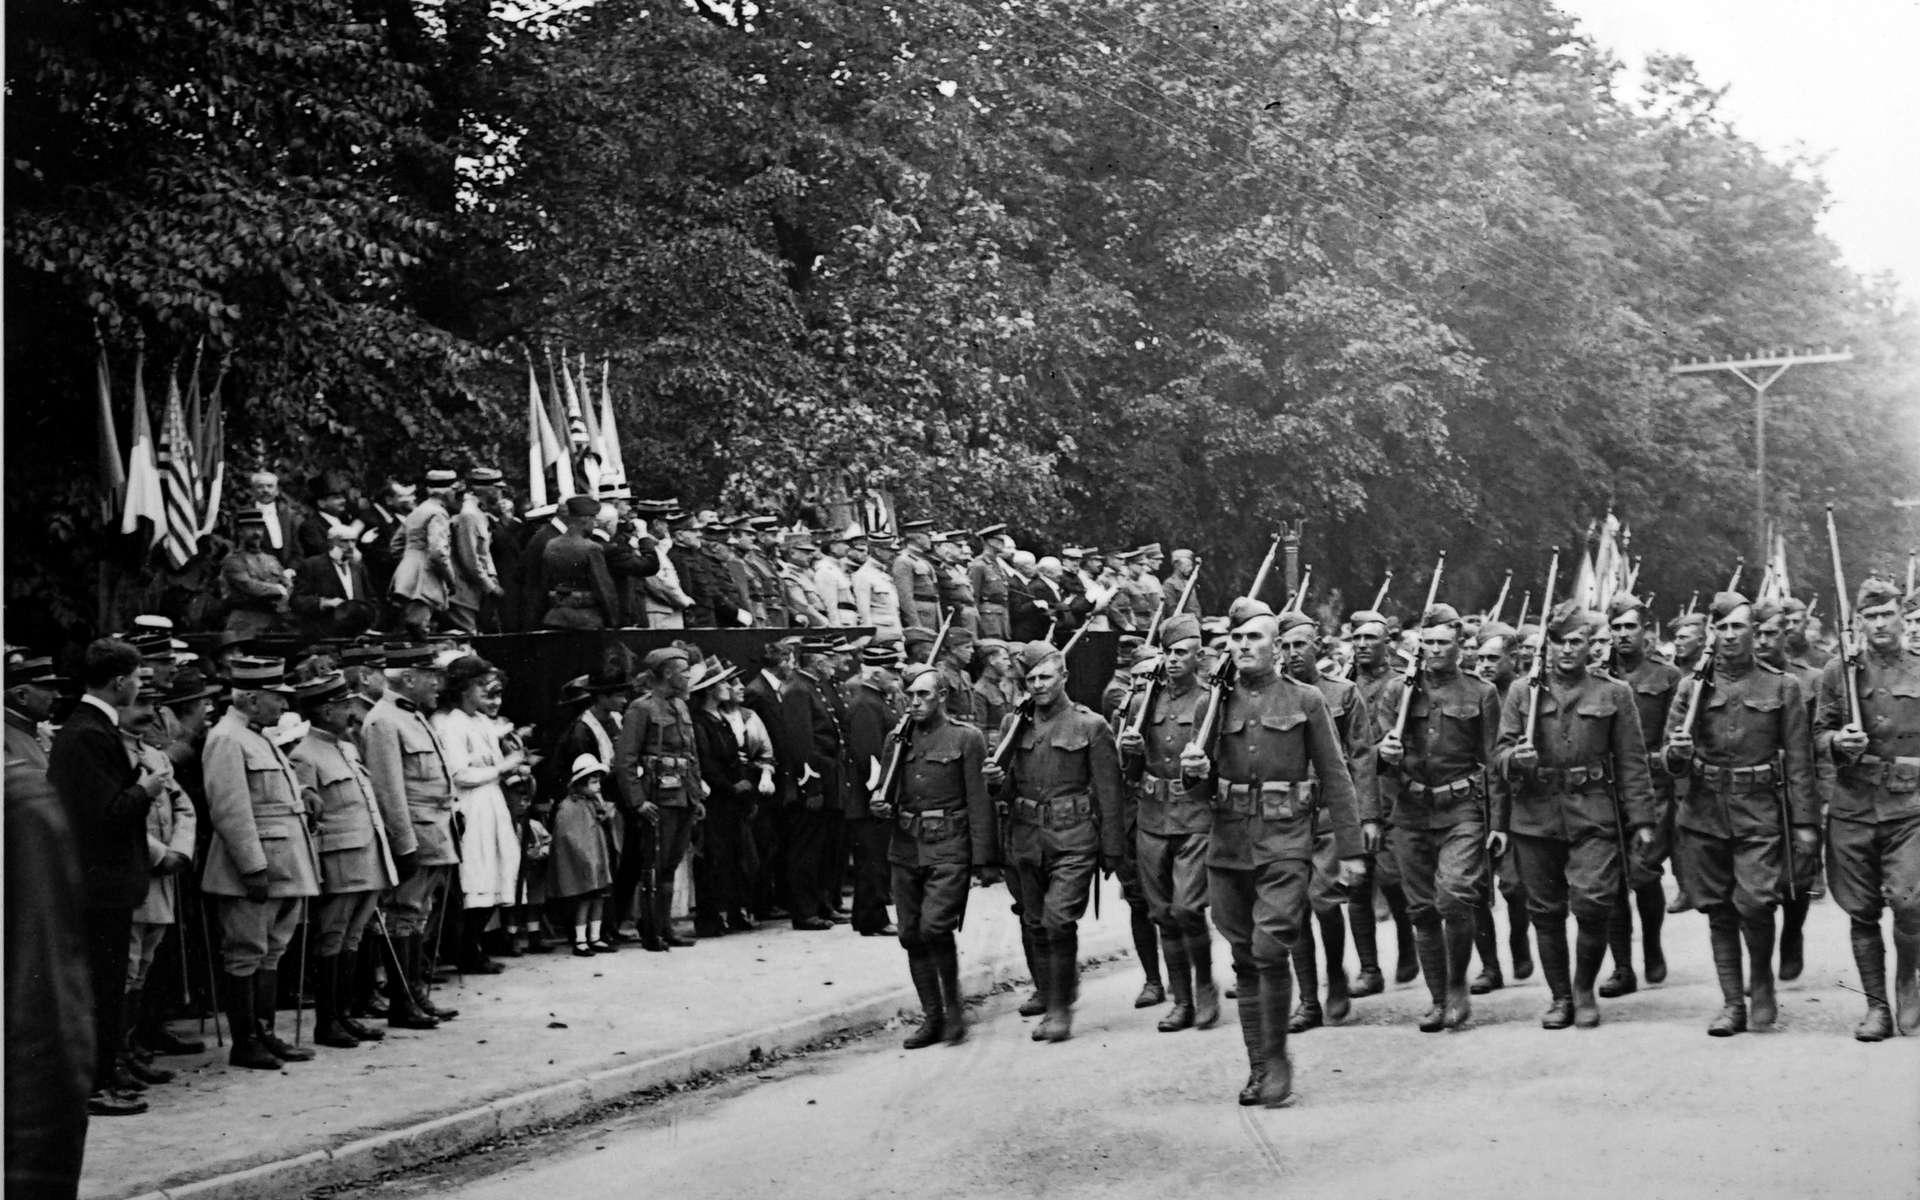 Défilé américain à Chaumont, en Haute-Marne © G. Garitan, Wikimedia Commons, CC by-sa 4.0